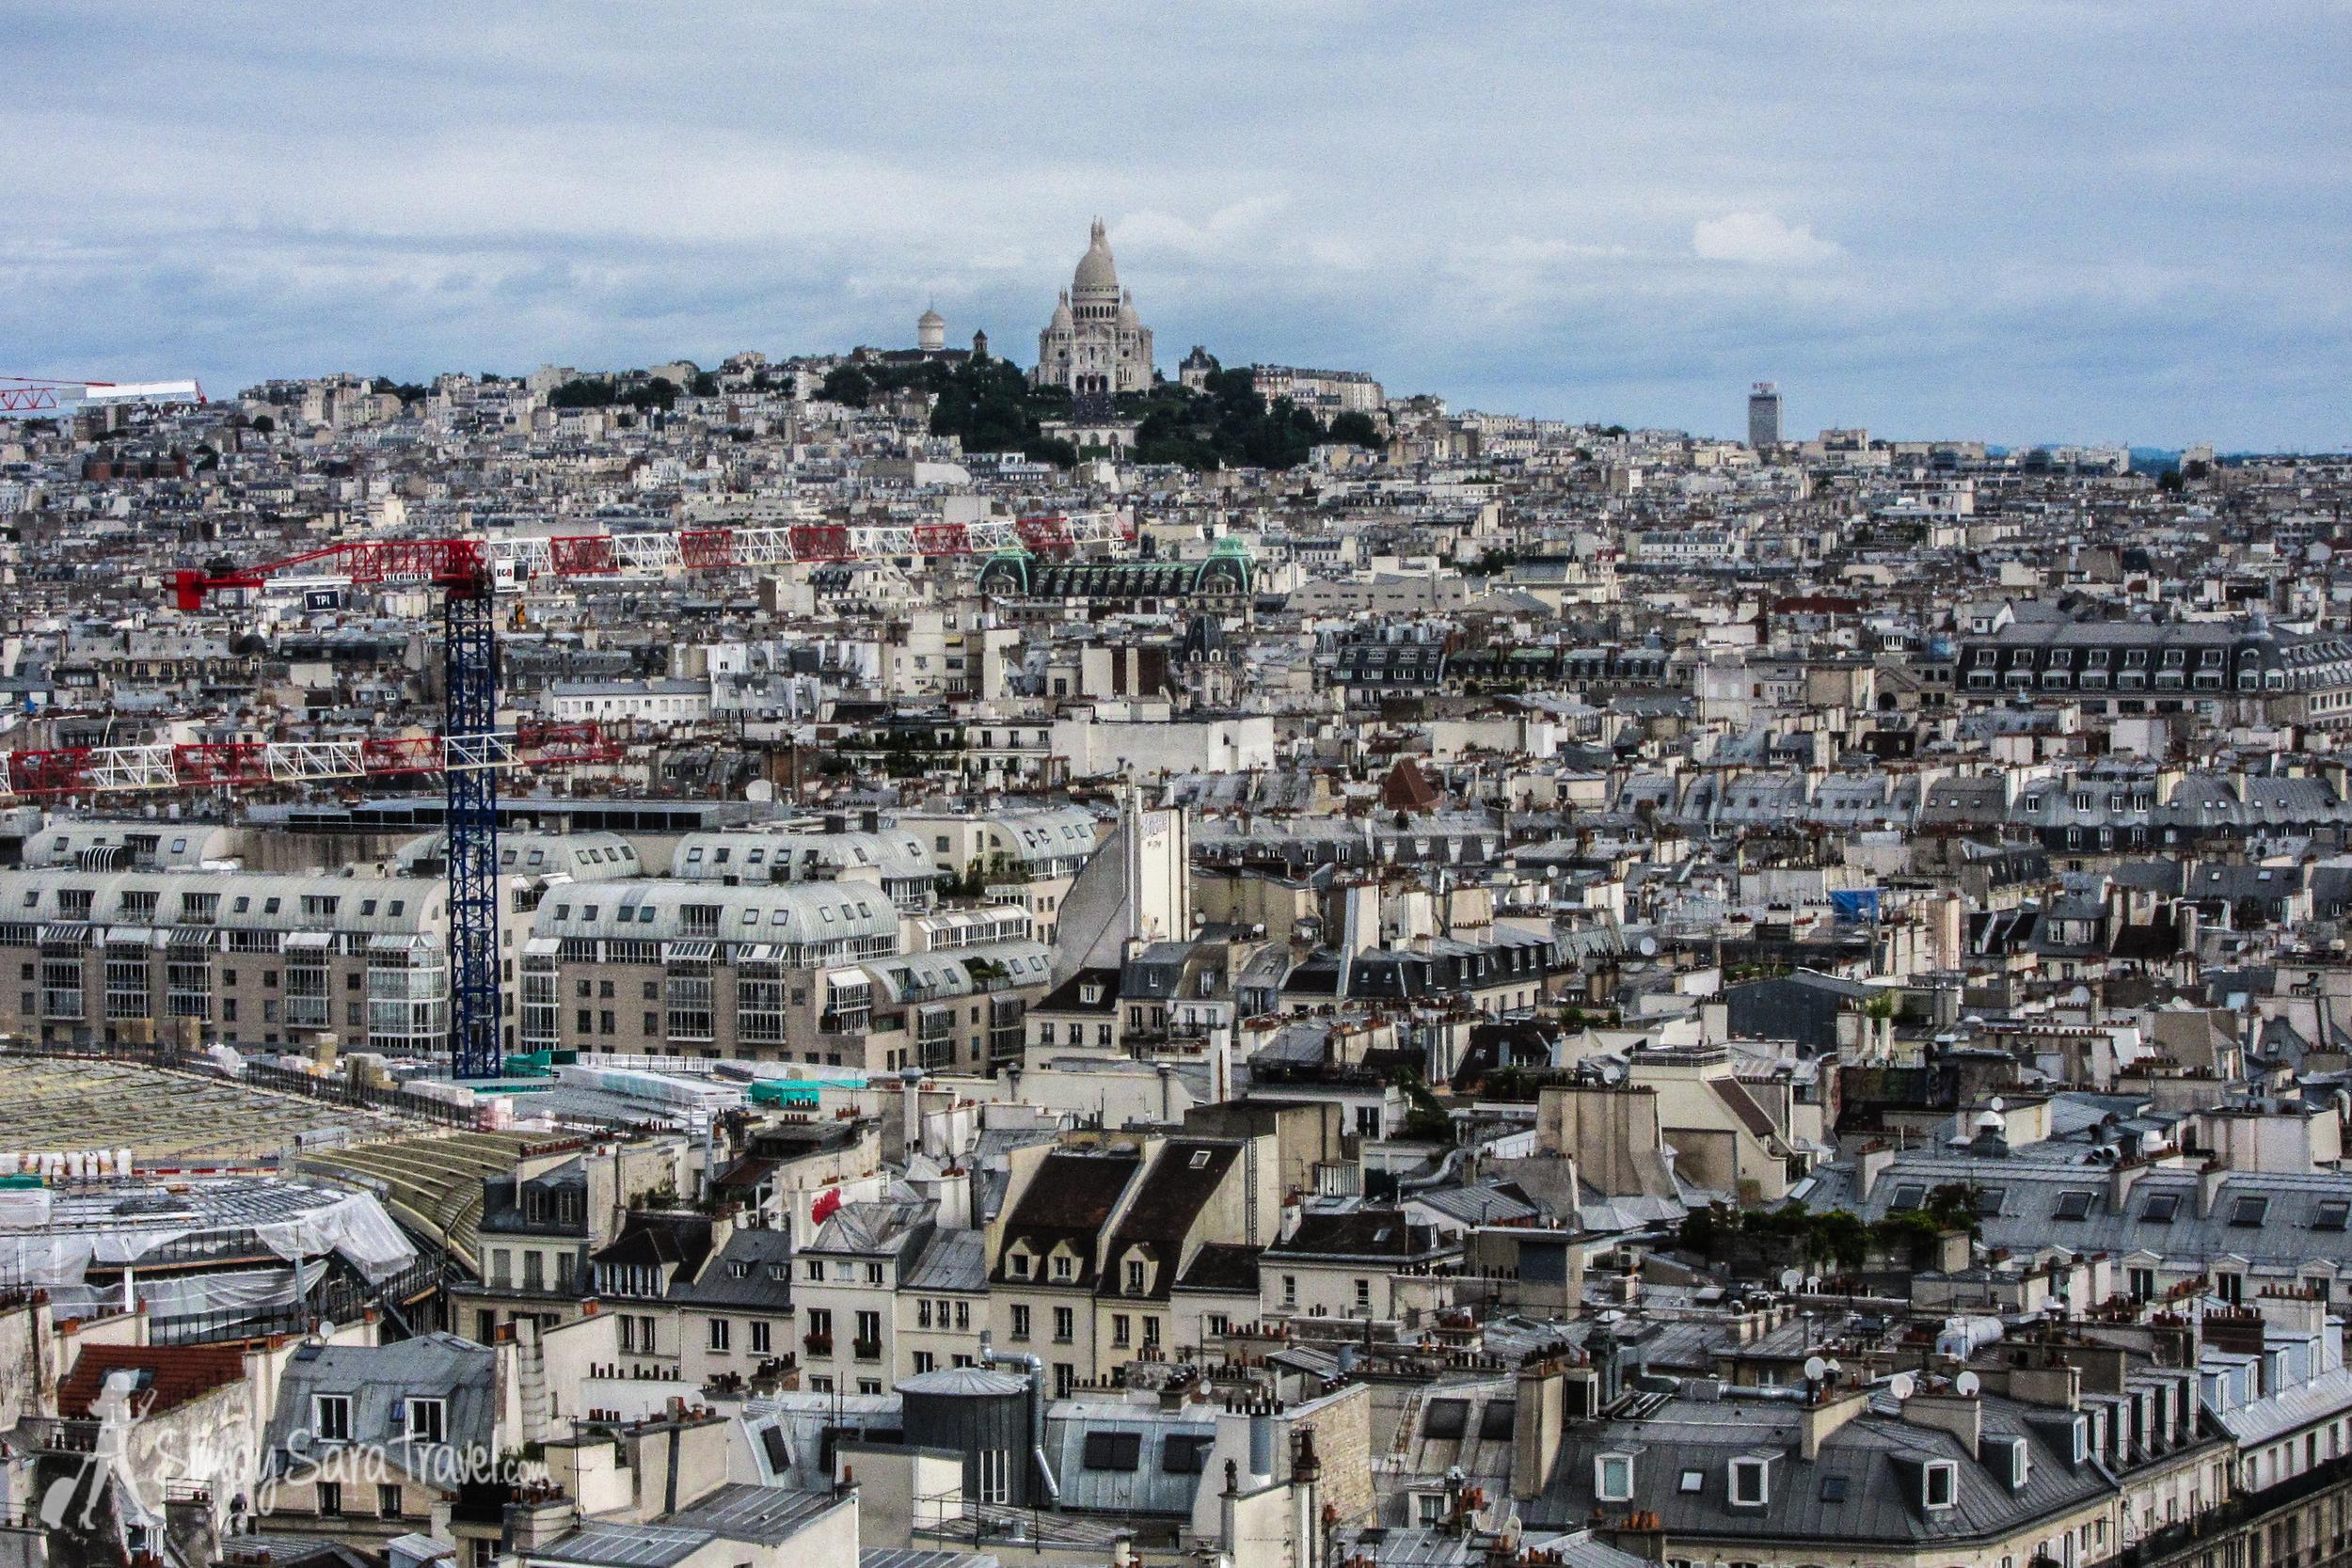 Sacré-Cœur in the distance